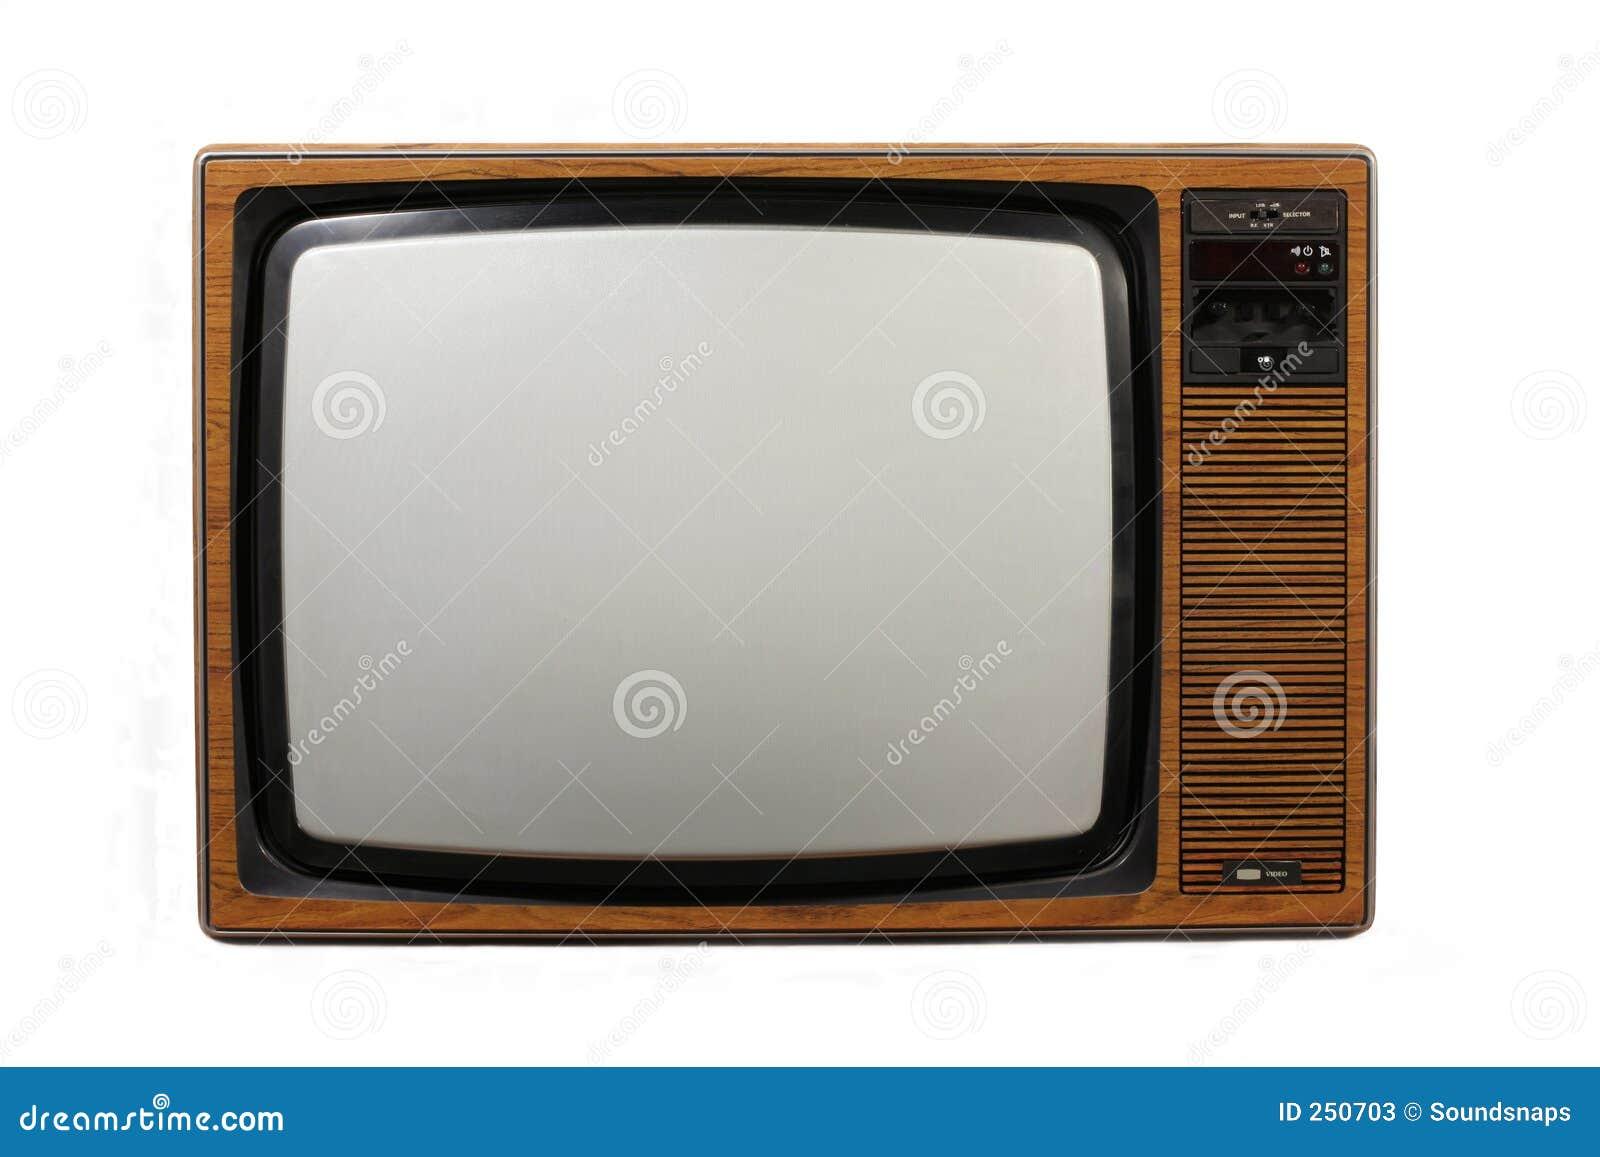 Aparelho de televisão retro